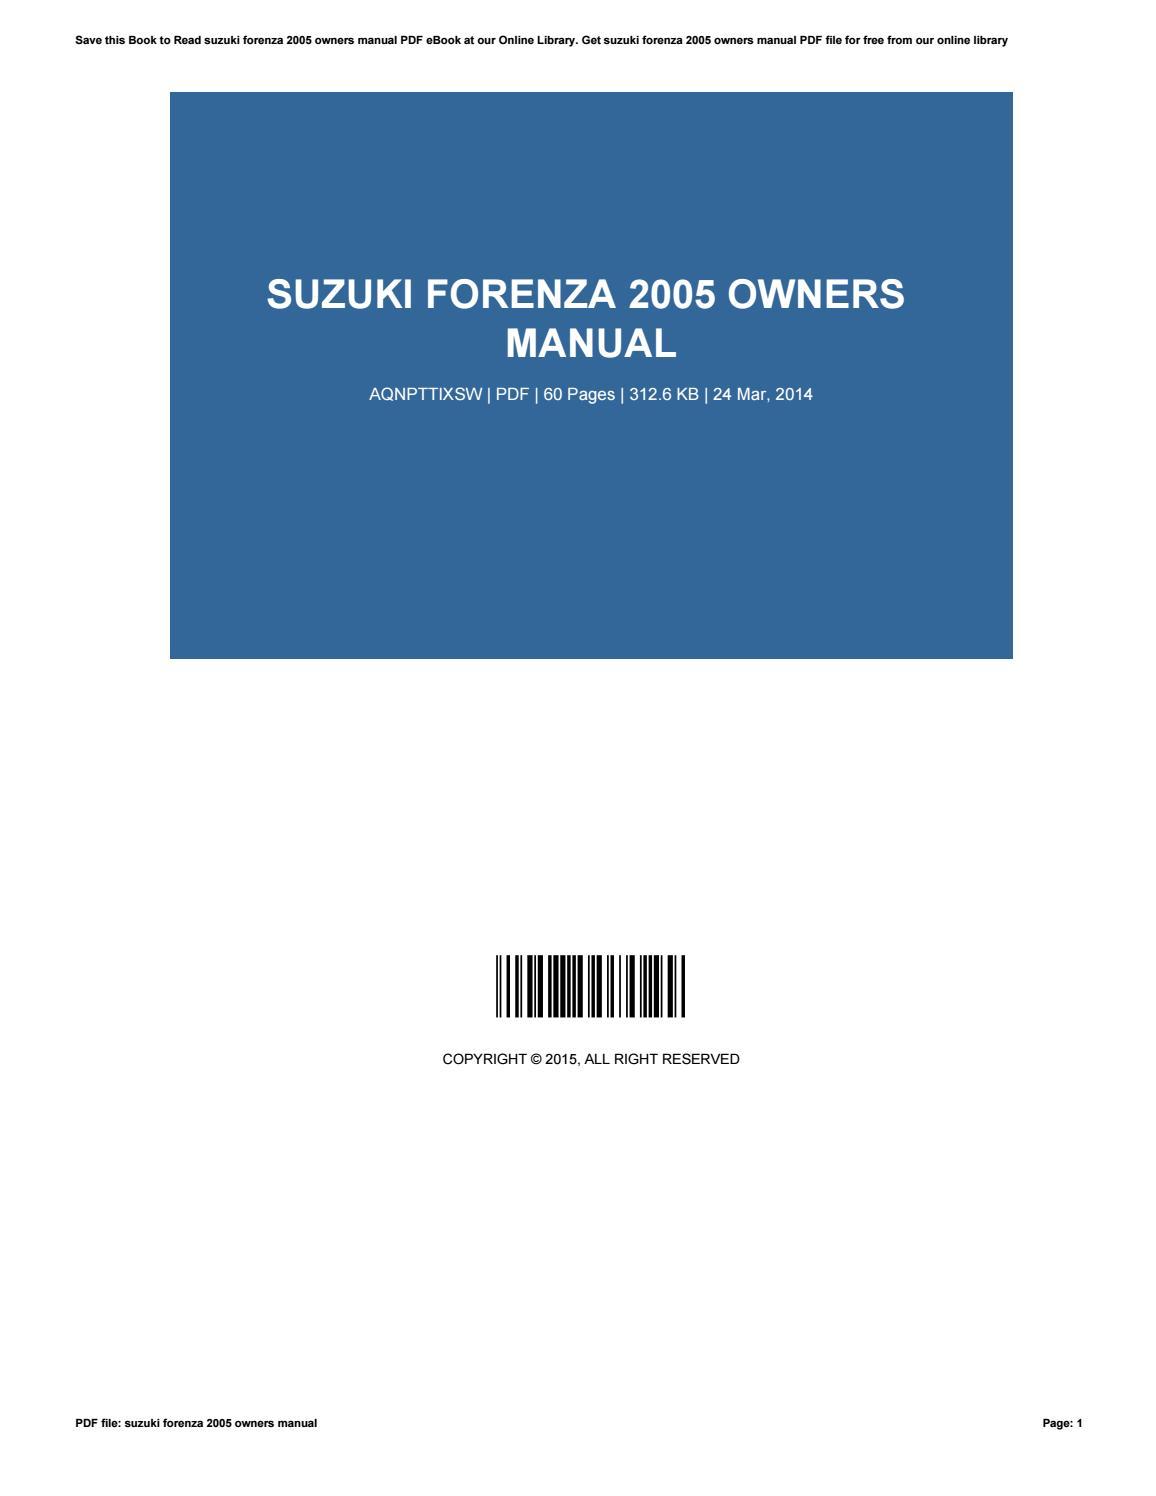 suzuki forenza 2005 owners manual by gastonhernandez1957 issuu rh issuu com 2005 suzuki forenza owners manual download 2005 Suzuki Forenza Interior